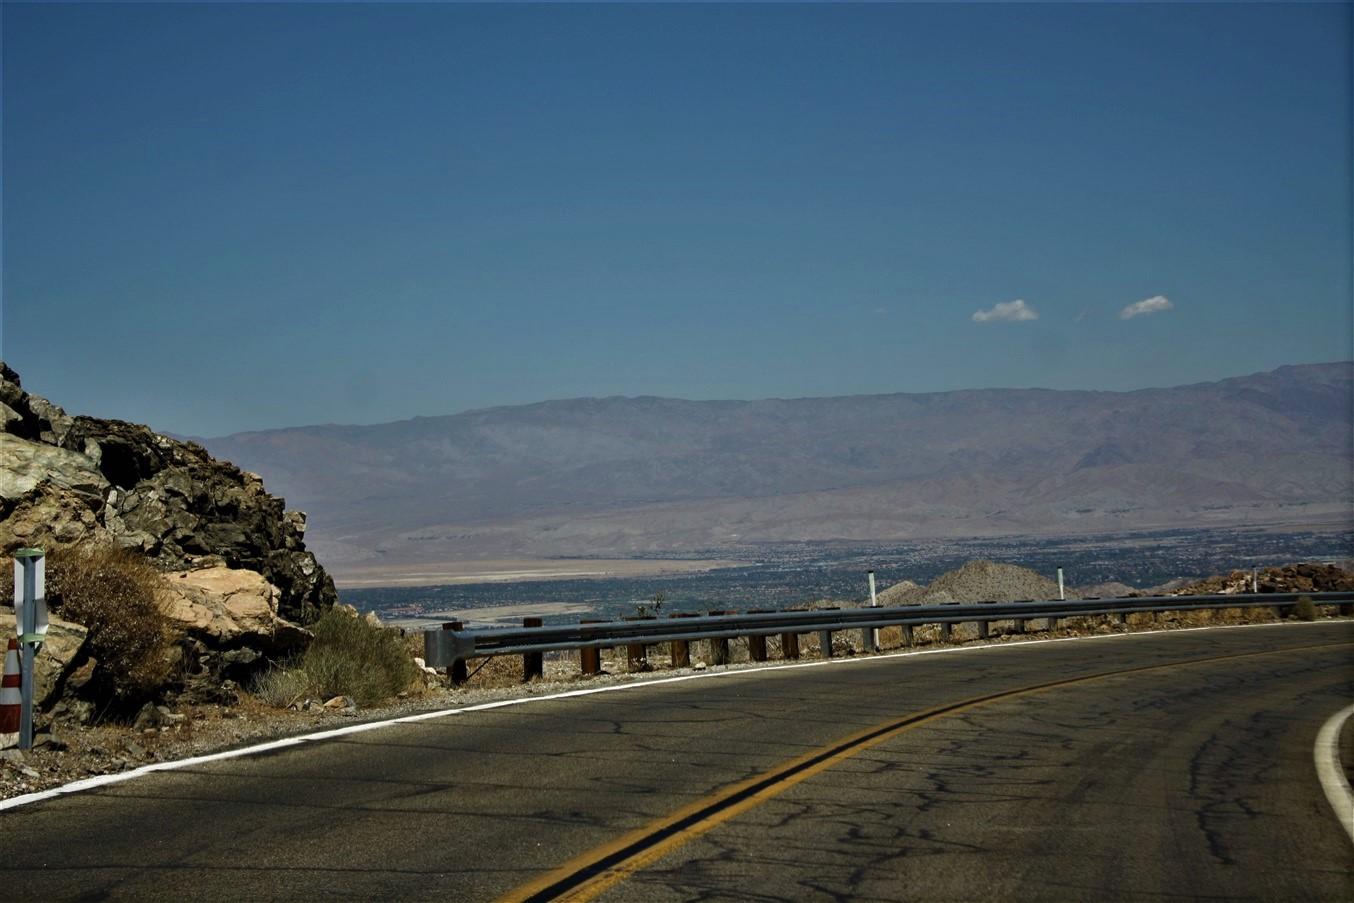 2009 08 24 44 IAMMMMW Road.jpg